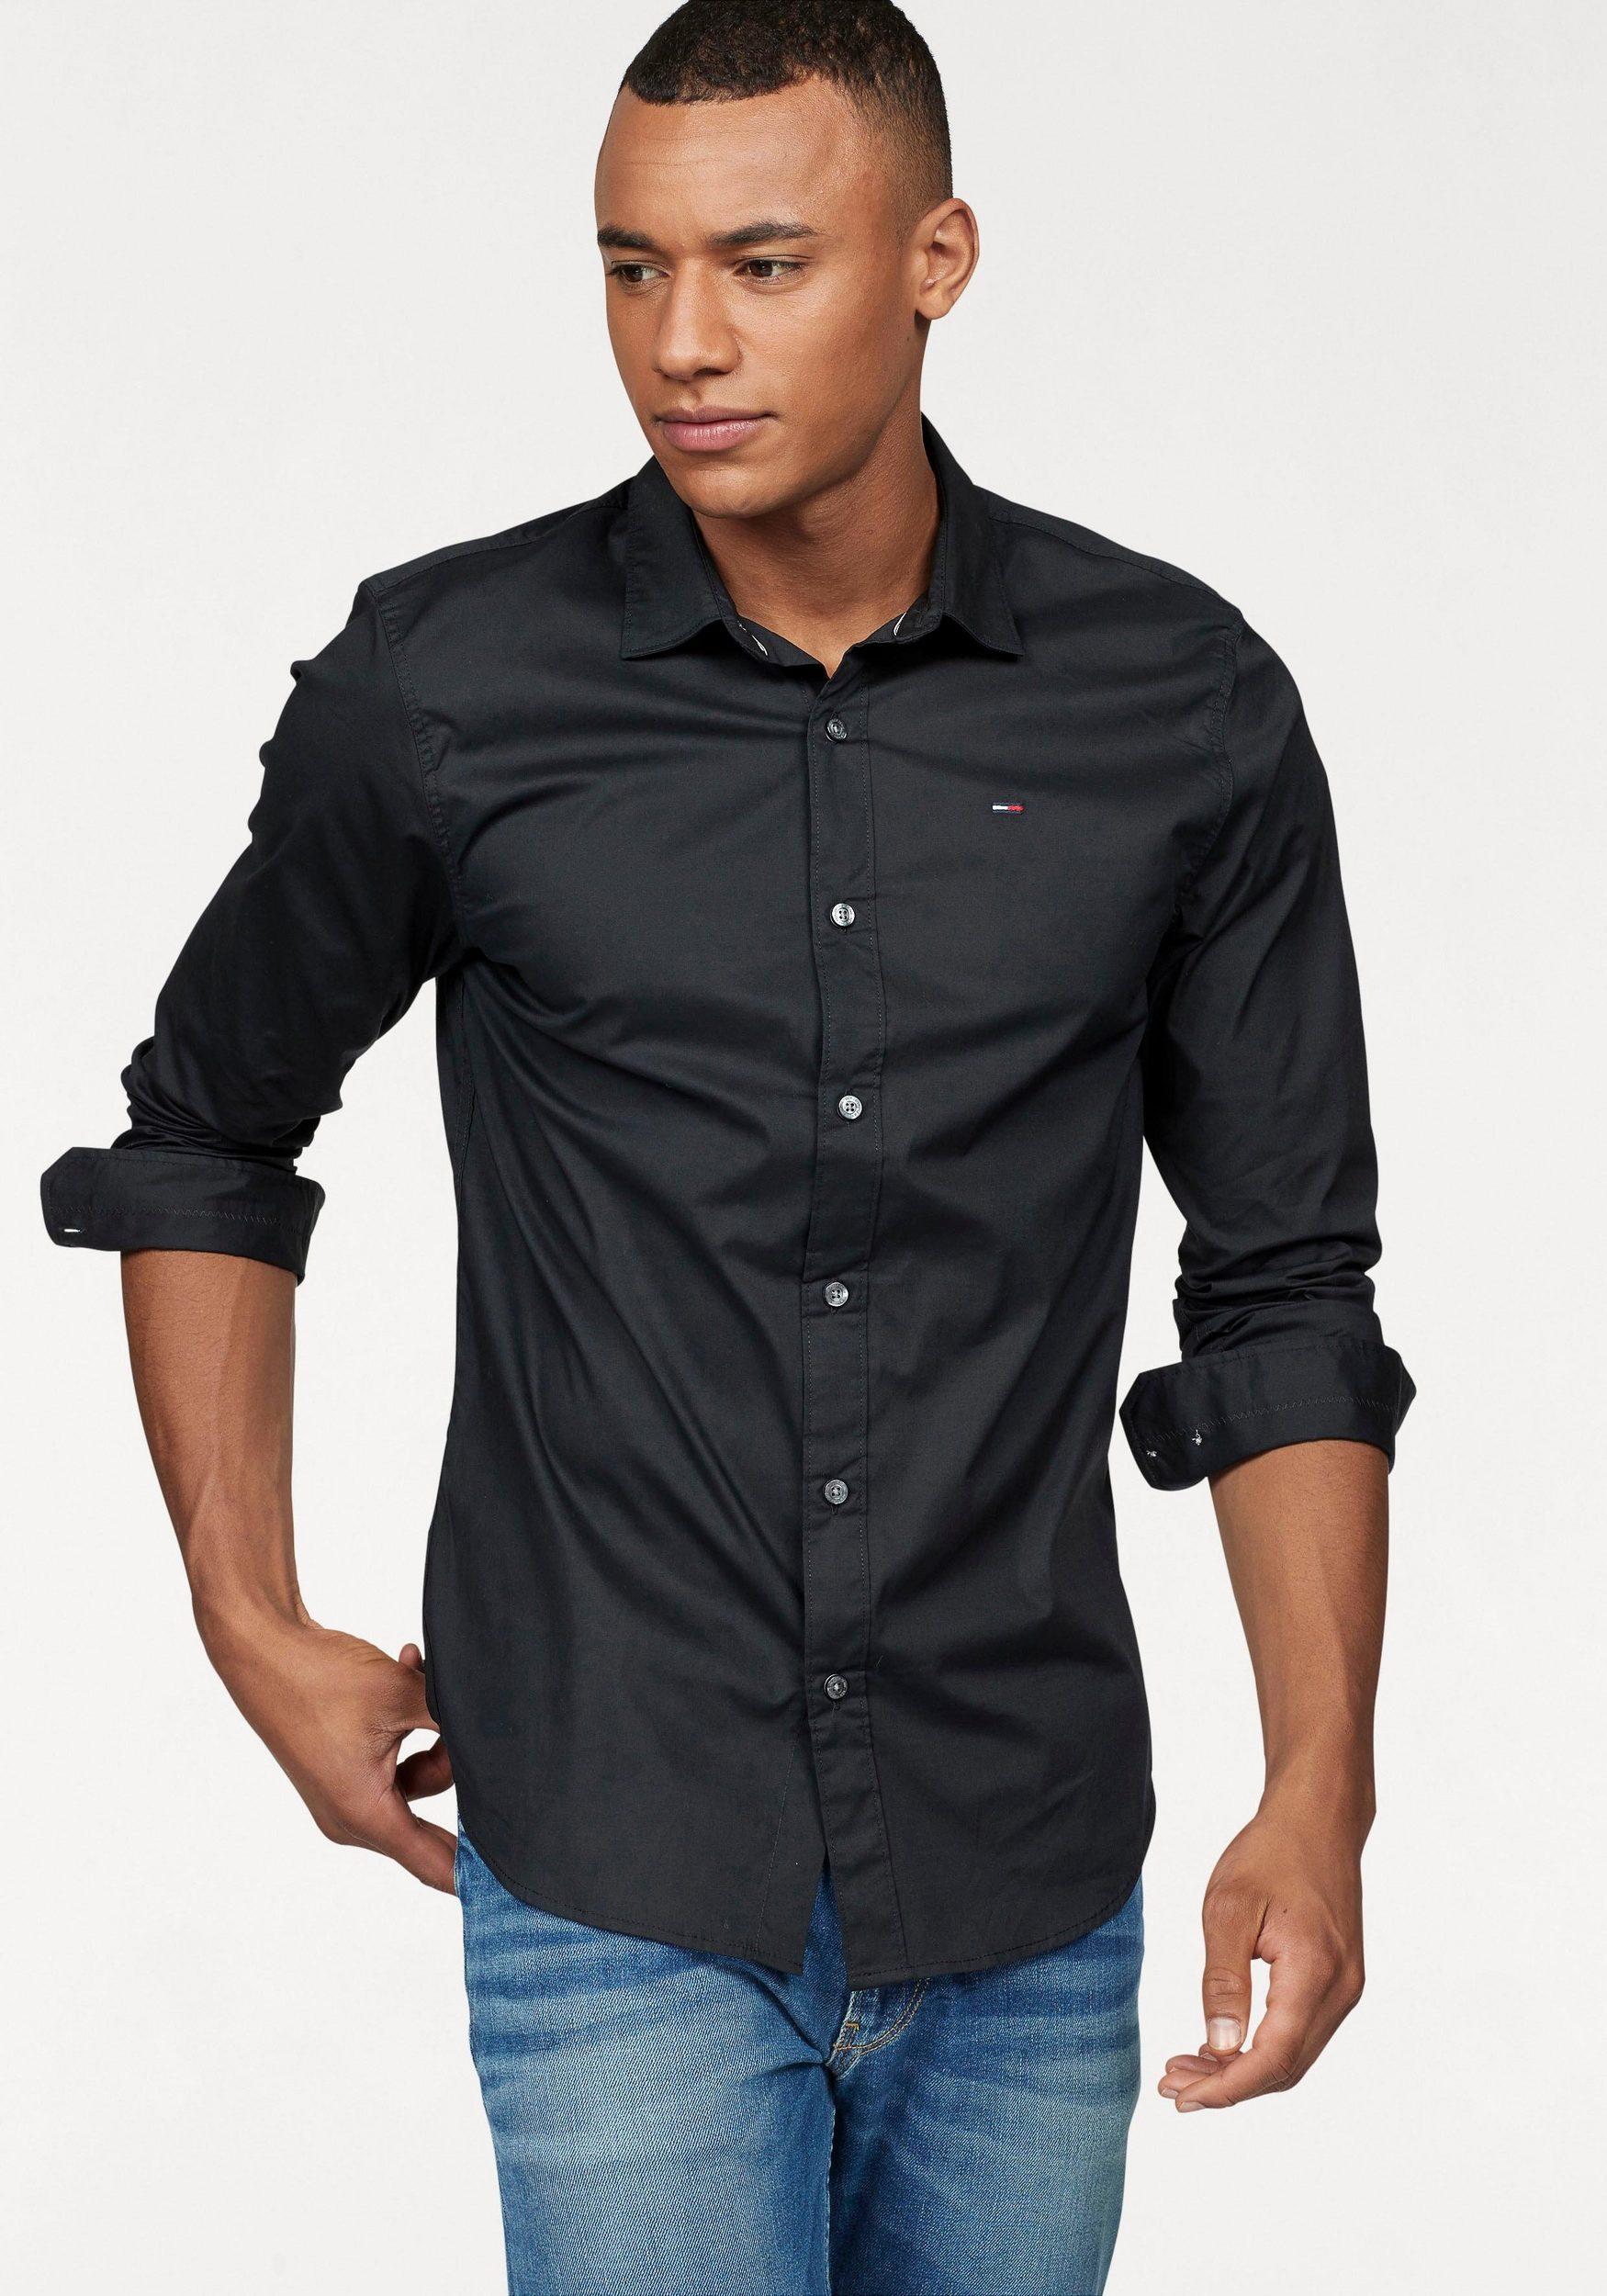 Hilfiger Denim Hemd »Sabim Shirt« in 3 Farben - Größen S-XXL [Otto 40,94€ + Amazon 34,99€]